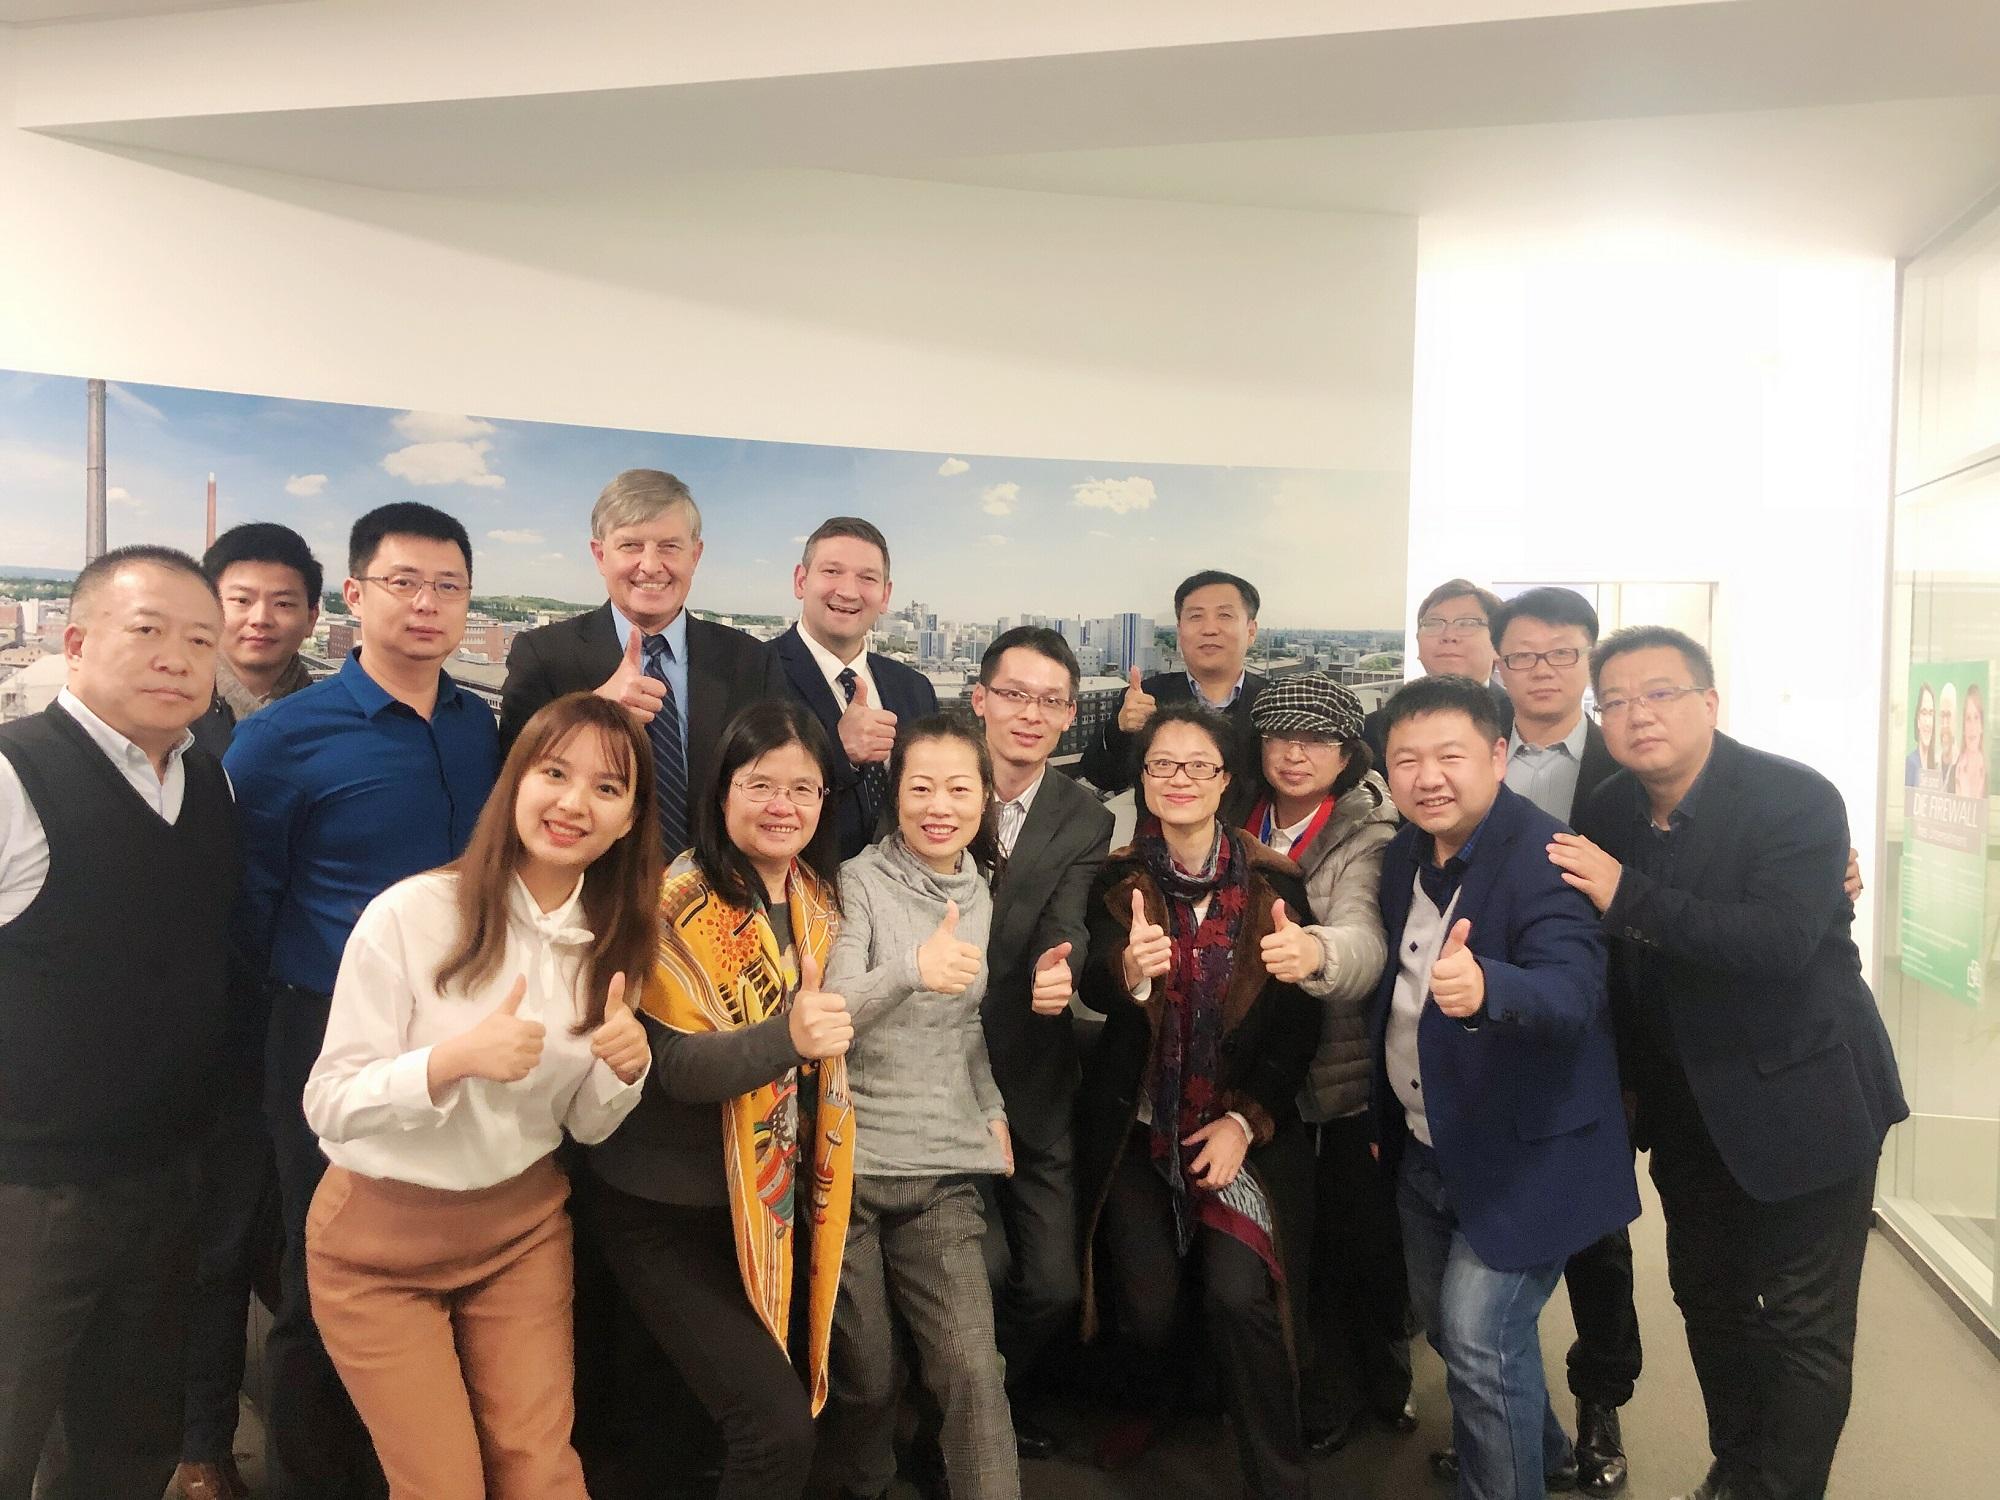 Chinesische Unternehmer in Wiesbaden, hinten 5. v.l. Infraserv Kommunikationschef Dennis Weber